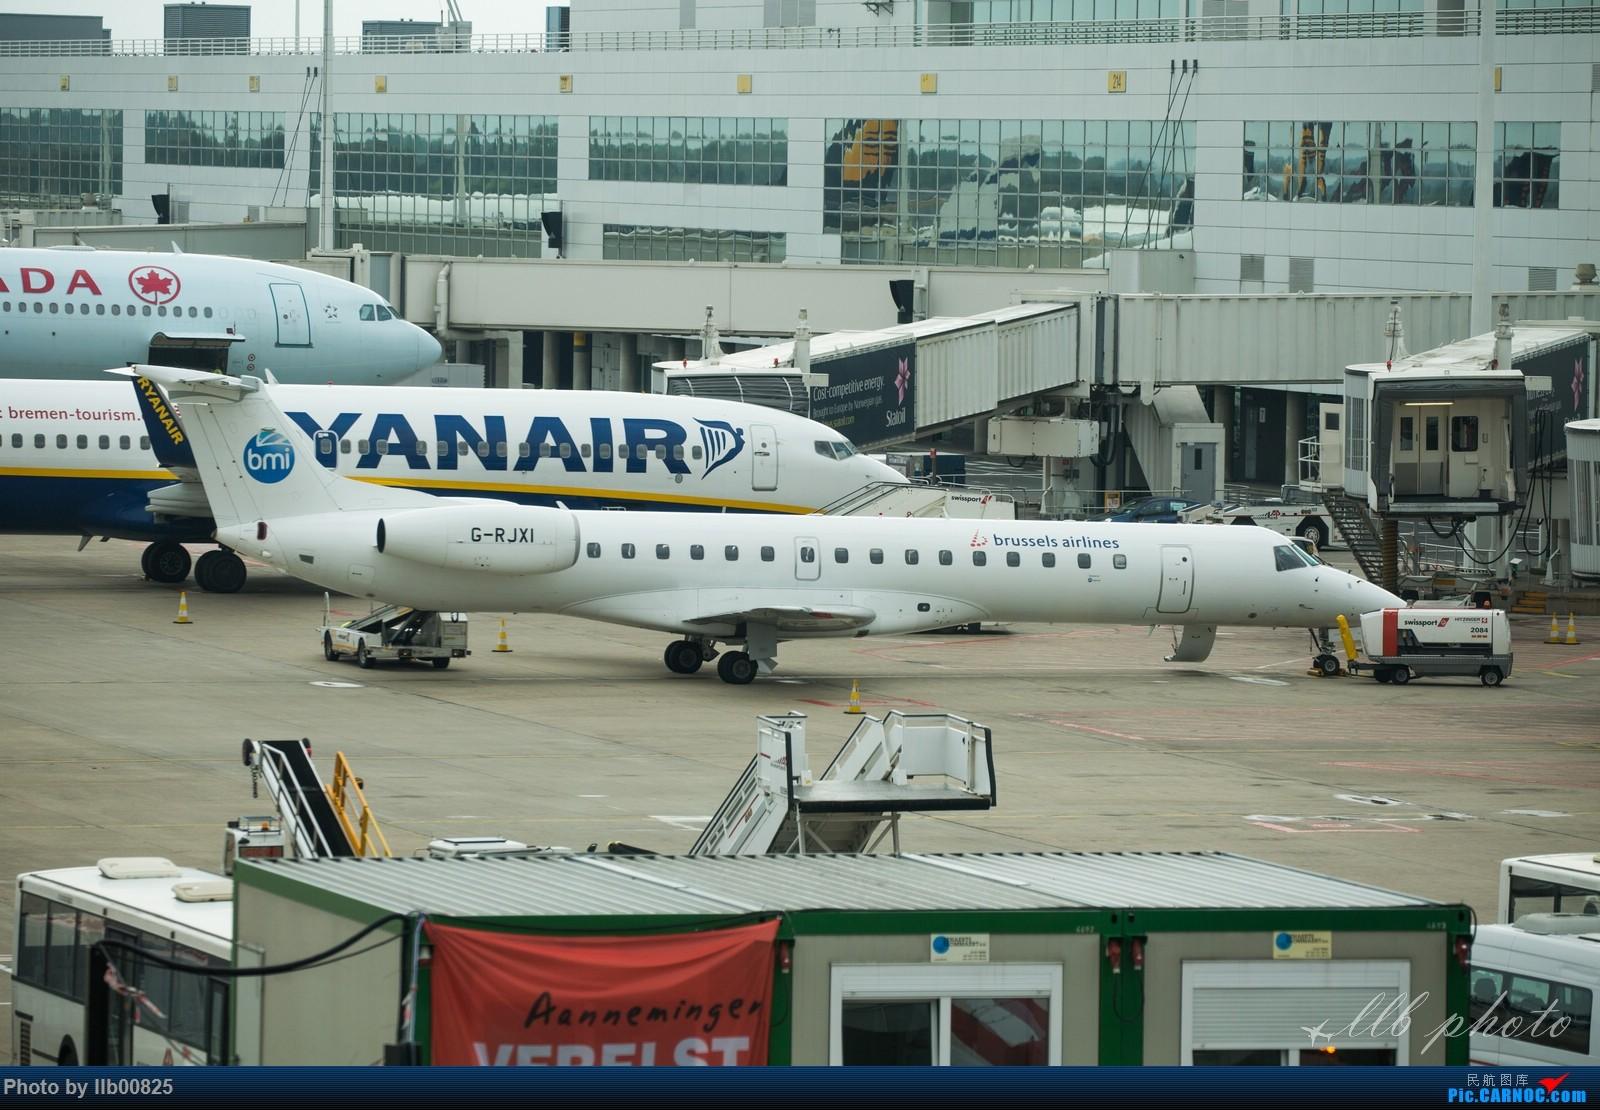 Re:[原创]赫尔辛基-布鲁塞尔一些杂图 EMBRAER E-145 G-RJXI 比利时布鲁塞尔机场